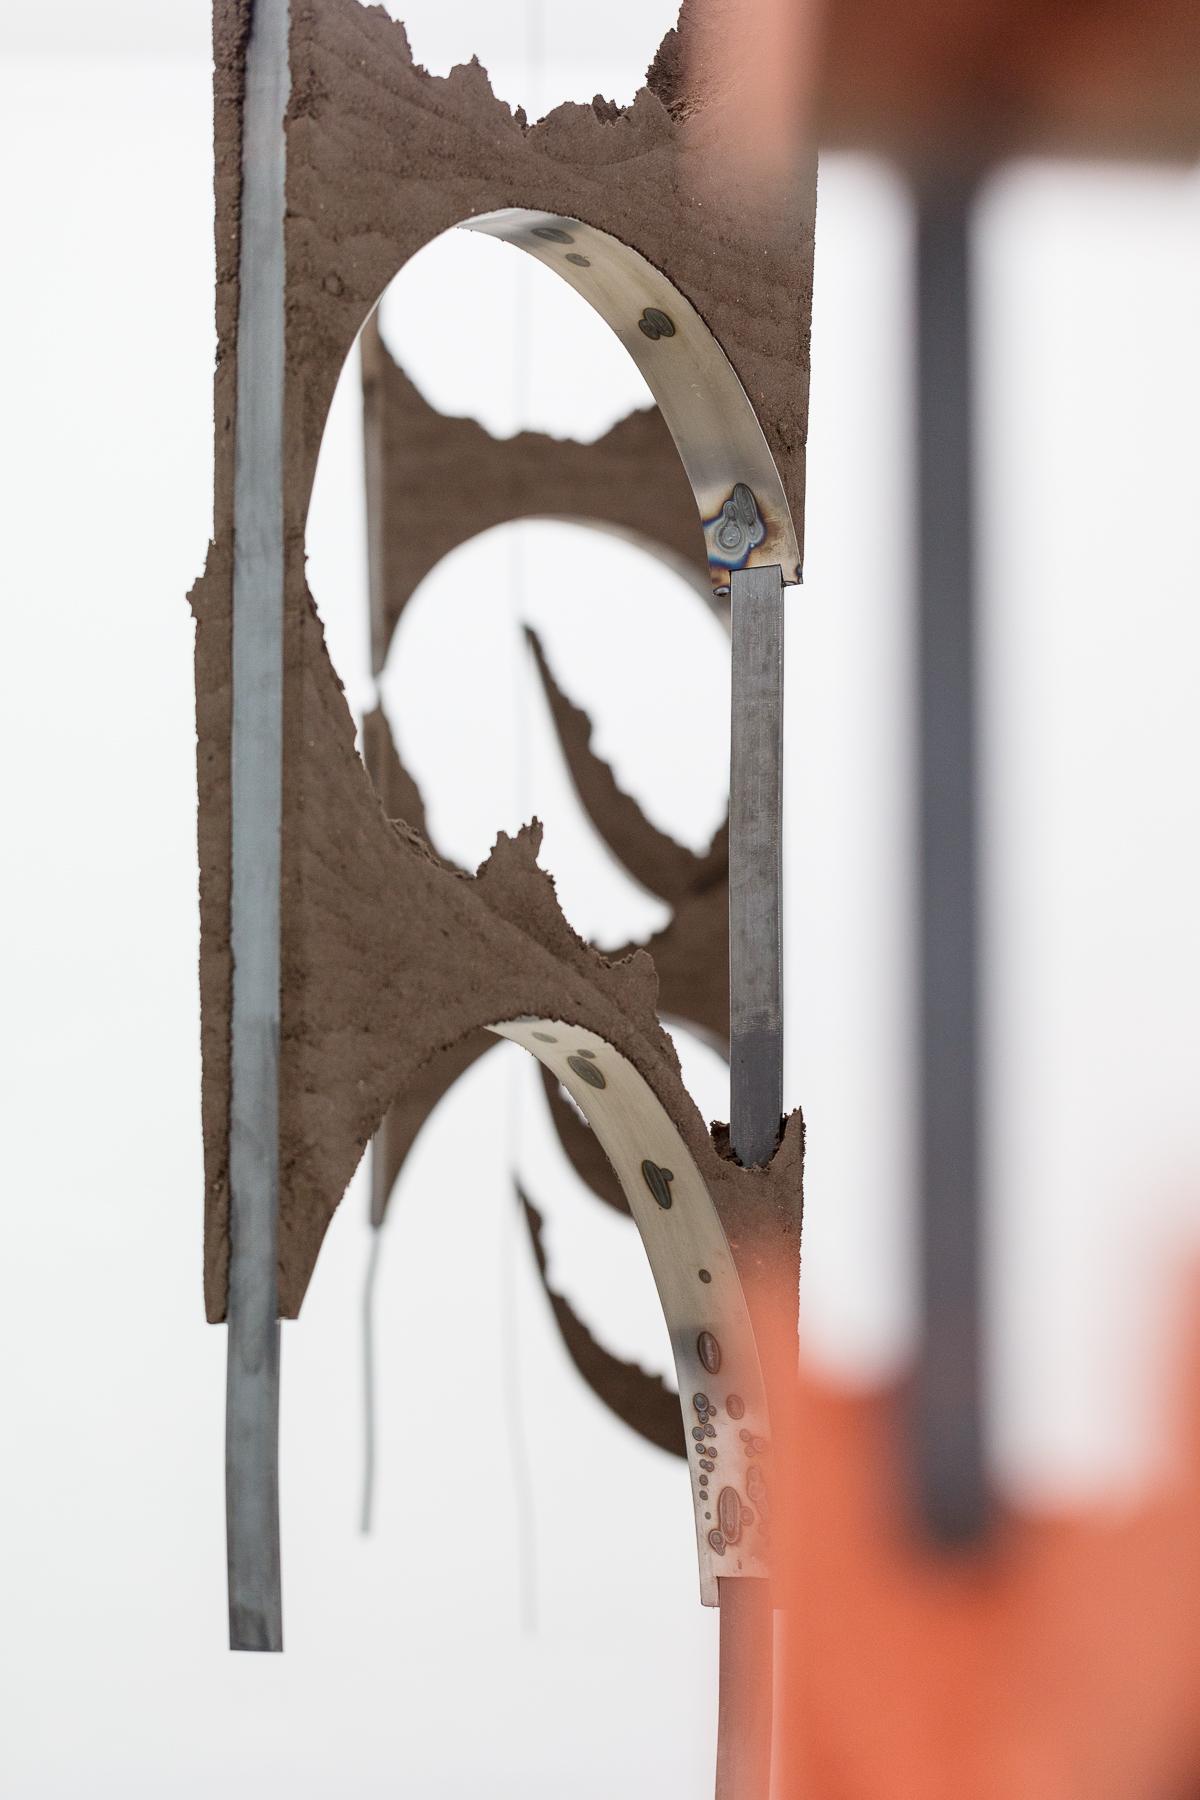 Angelika Loderer at Sophie Tappeiner Gallery_by Kunst-Dokumentation.com_032_web.jpg